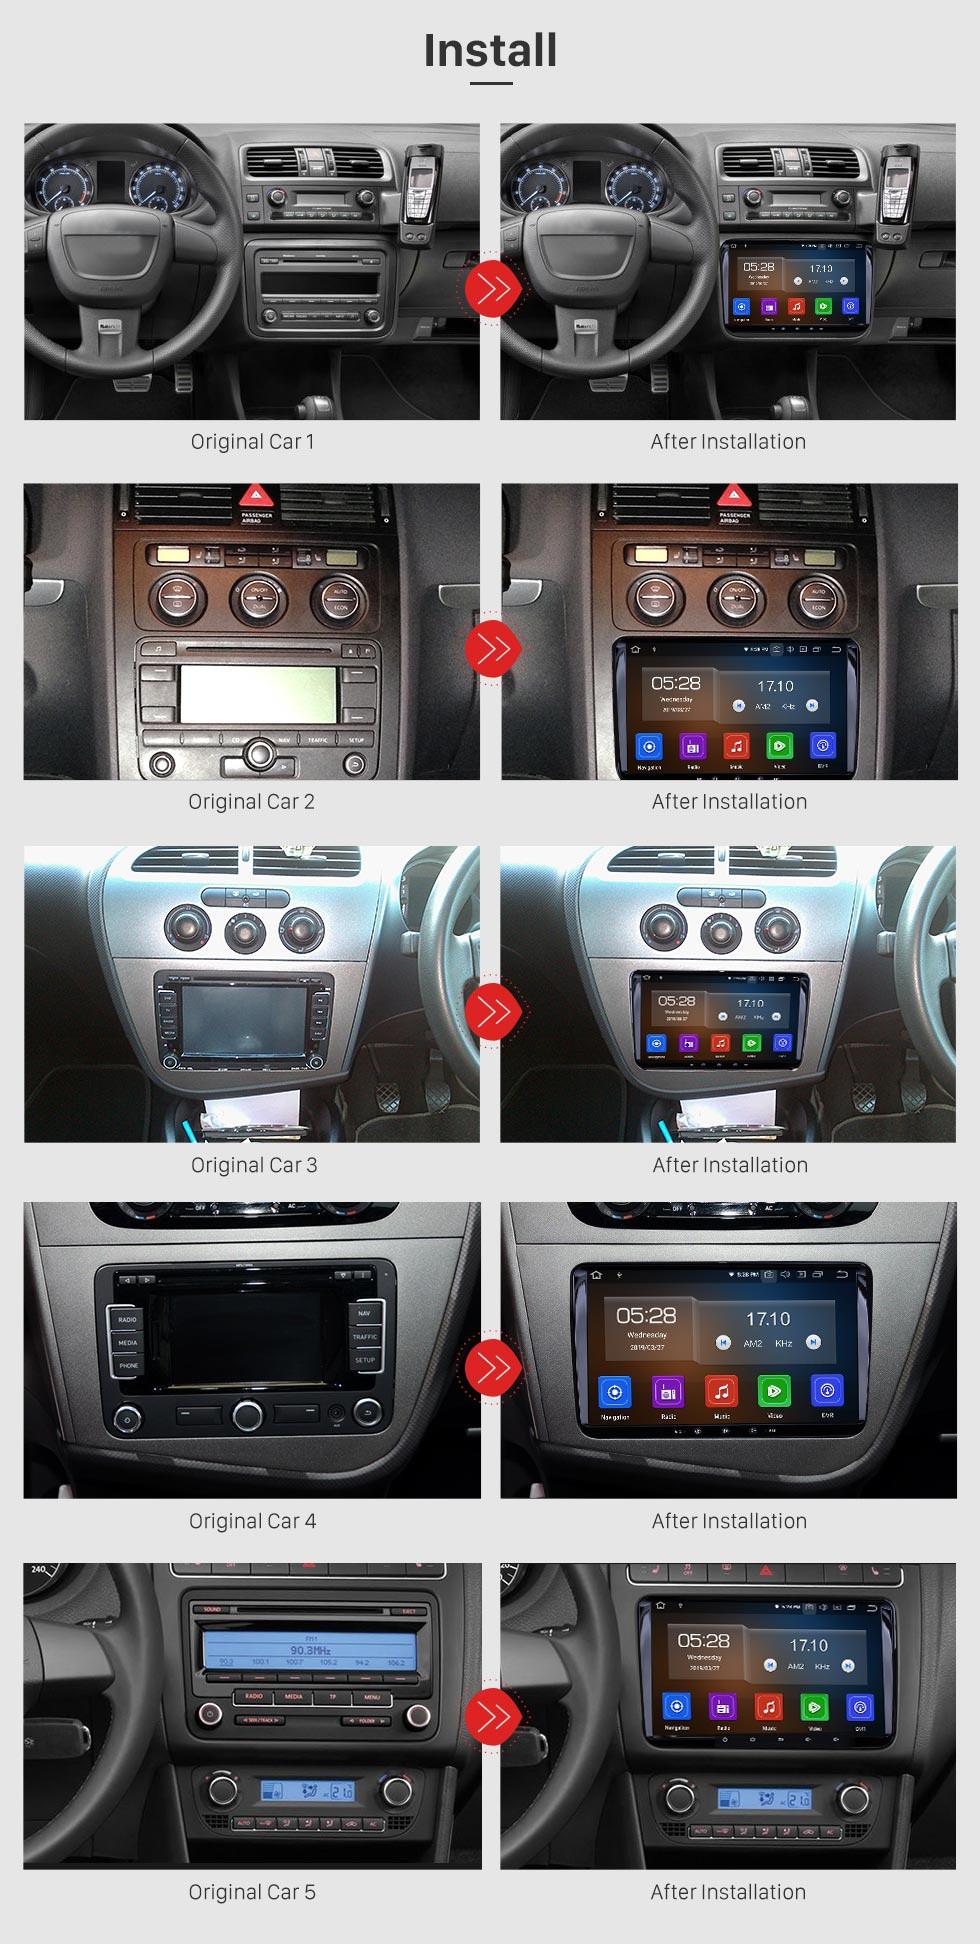 Seicane 2009-2013 skoda yeti android 10.0 sistema de navegação gps rádio estéreo com bluetooth dvd player tela de toque do OBD2 DVR HD Retrovisor Câmera 3G WiFi LinkMirror